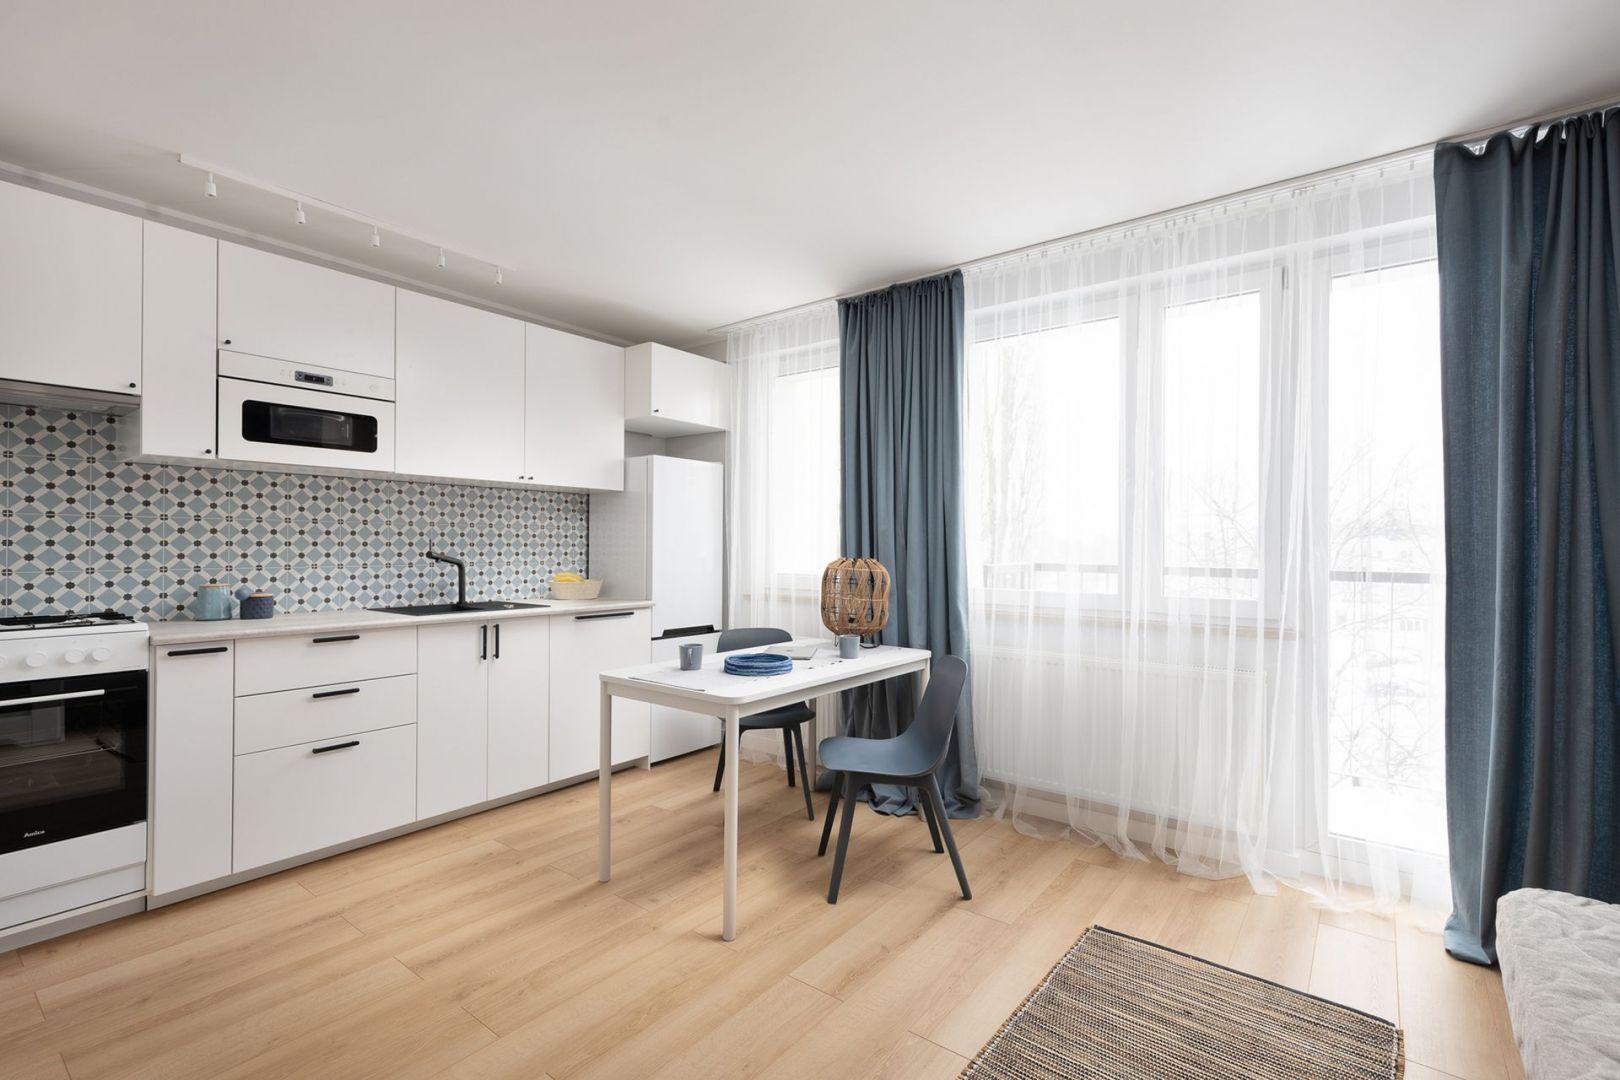 Biała kuchnia, jadalnia, salon i sypialnia to jedna otwarta przestrzeń. Projekt wnętrza, stylizacja: Ola Dąbrówka, pracownia Good Vibes Interiors. Zdjęcia: Mikołaj Dąbrowski